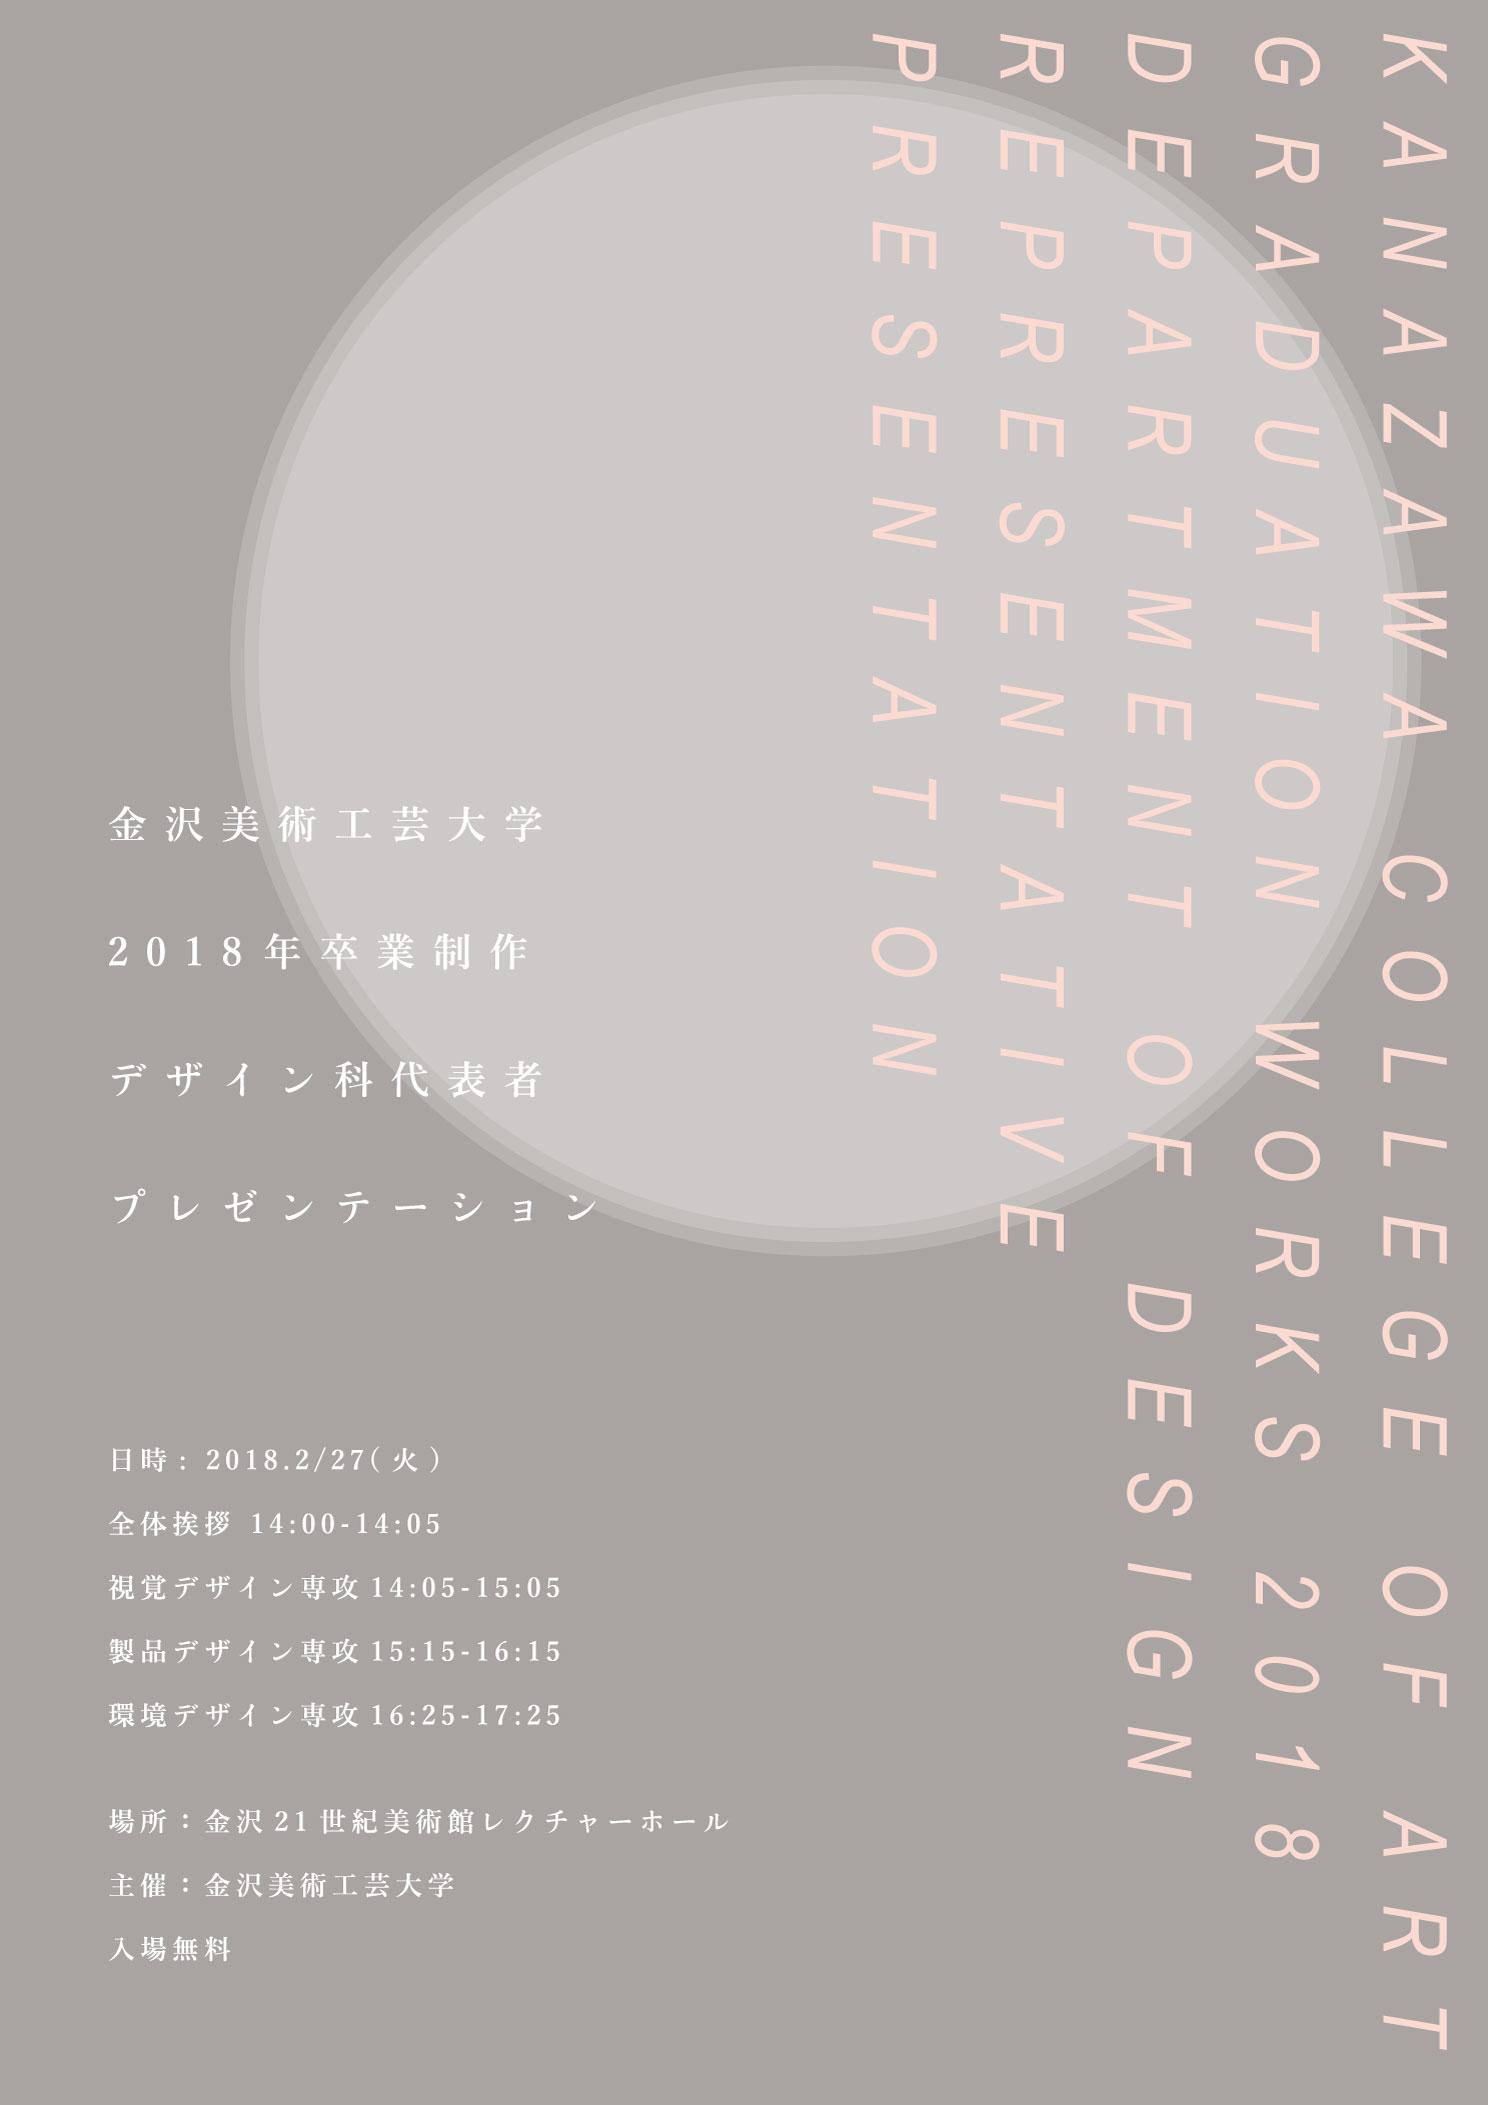 金沢美術工芸大学 2018年 卒業制作 デザイン科代表者プレゼンテーション